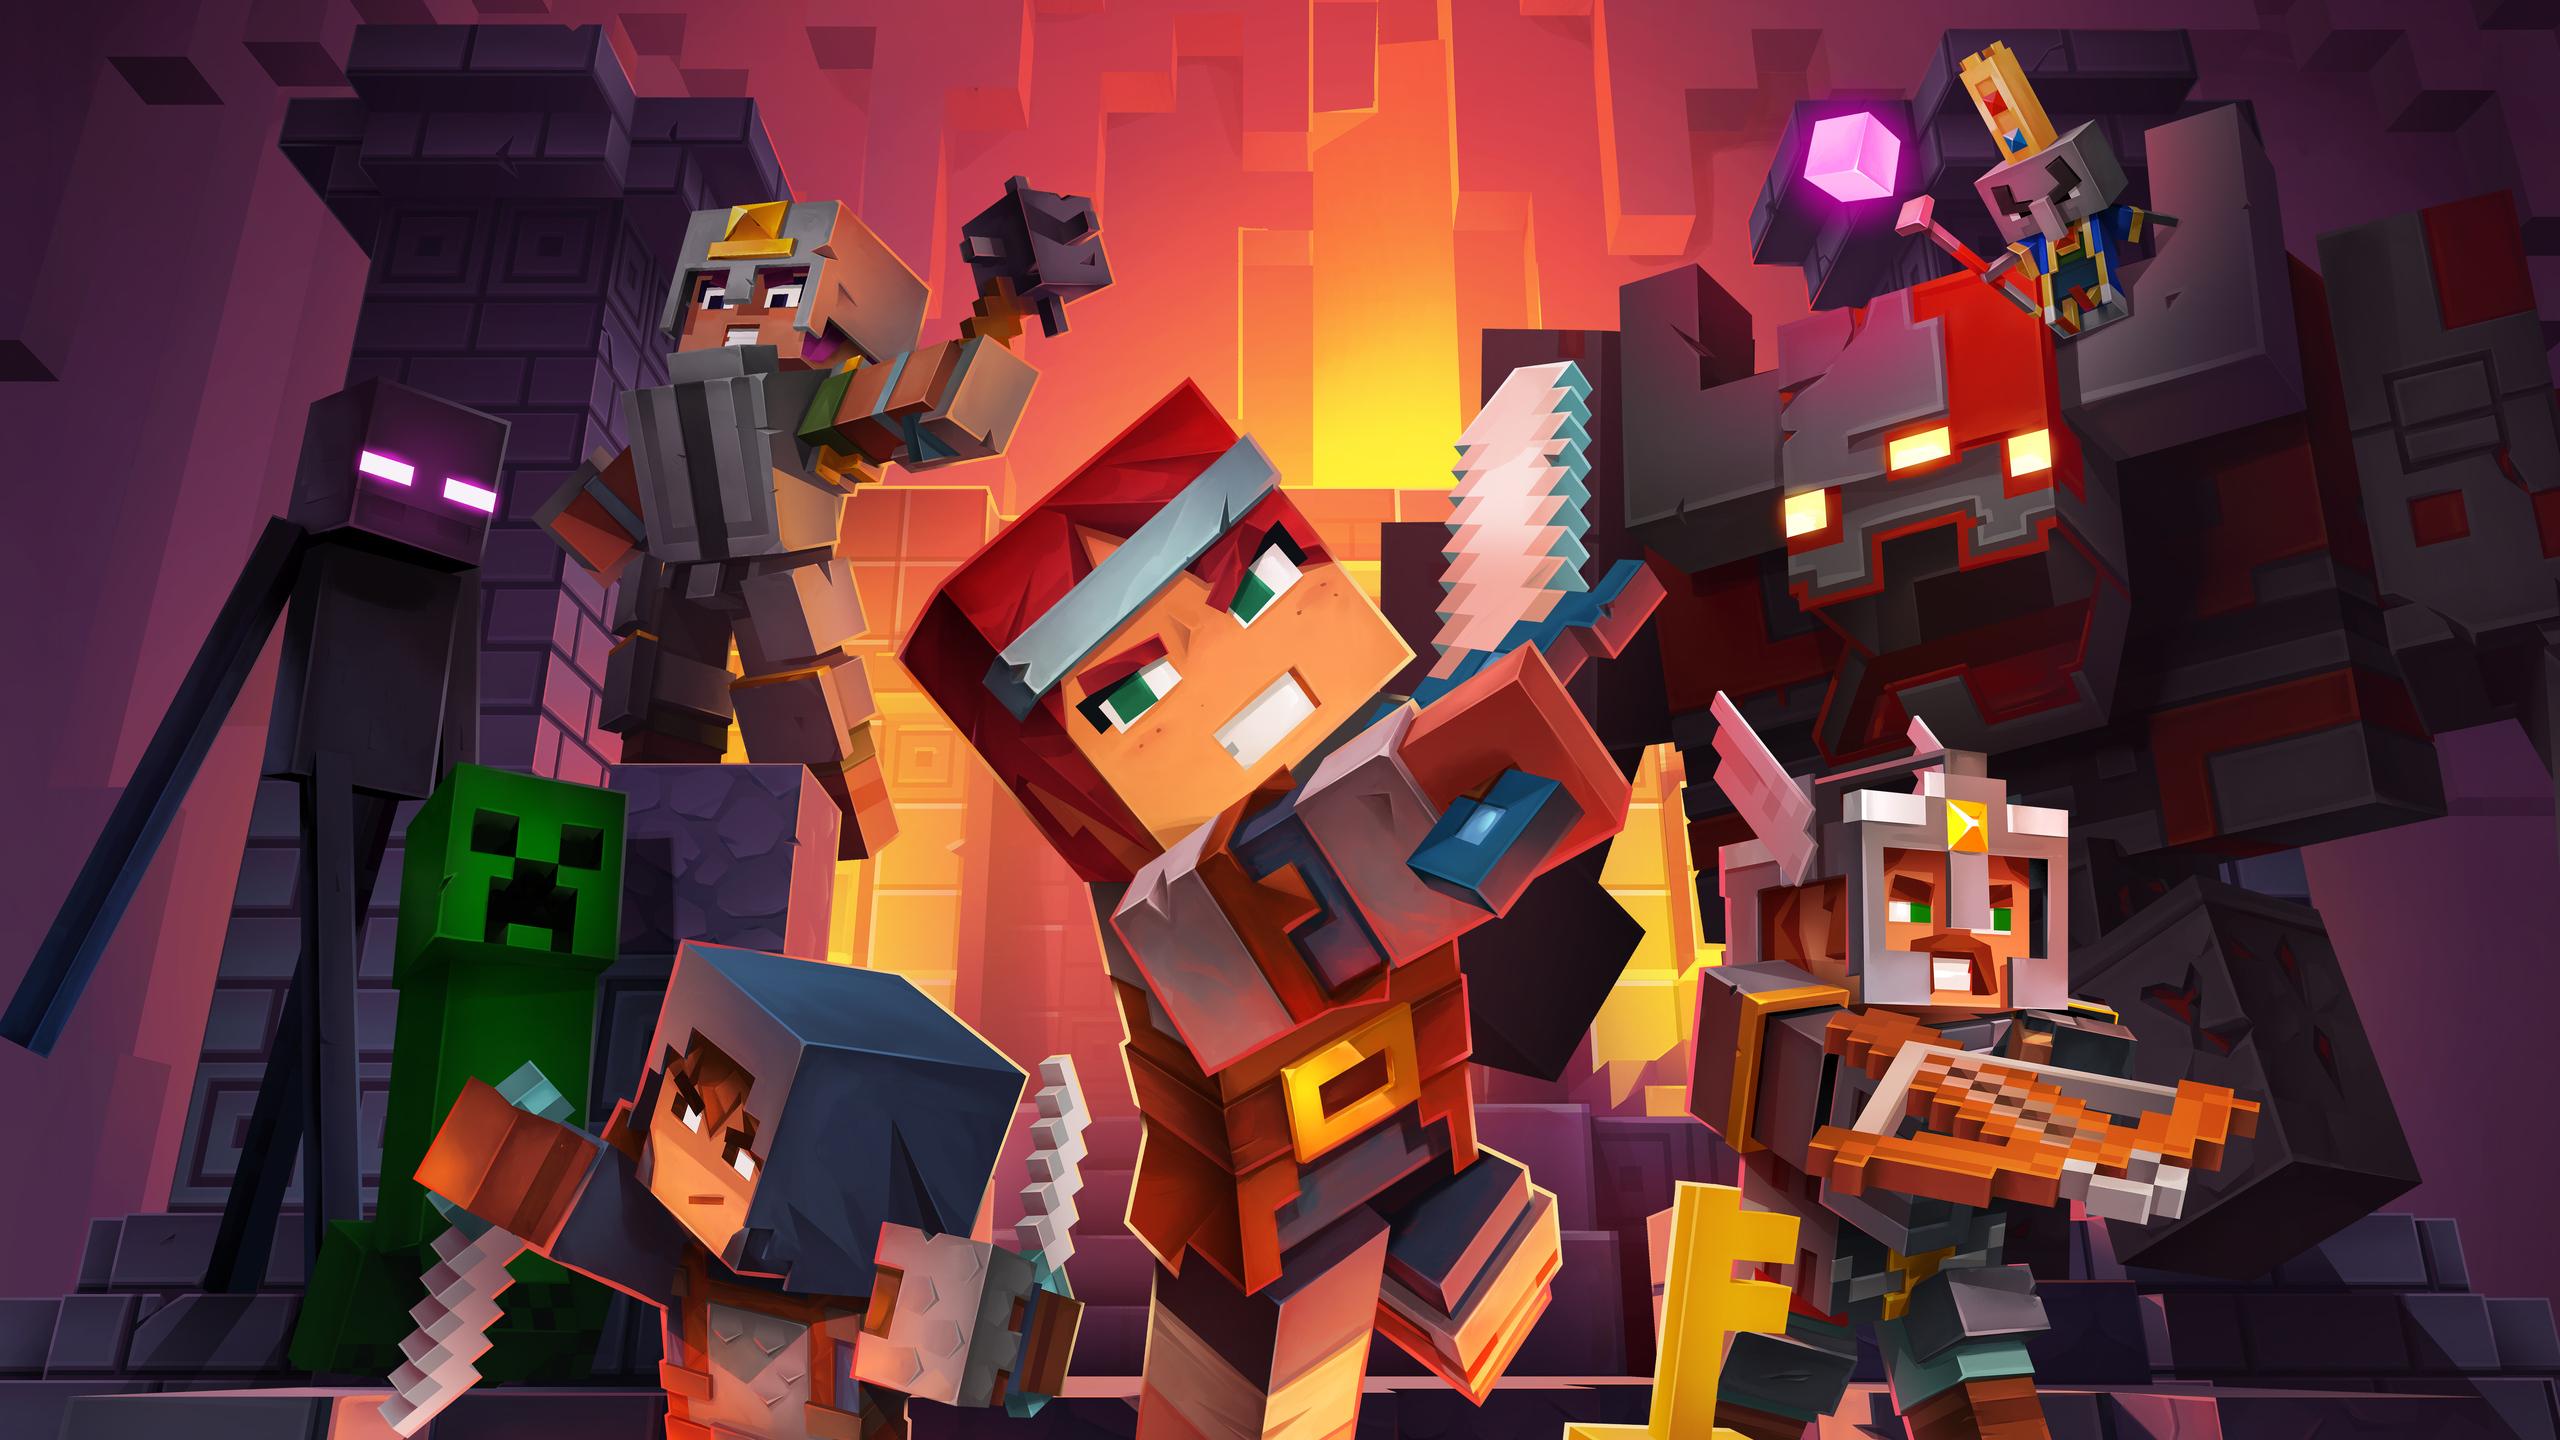 2560x1440 Minecraft Dungeons 5k 1440p Resolution Hd 4k